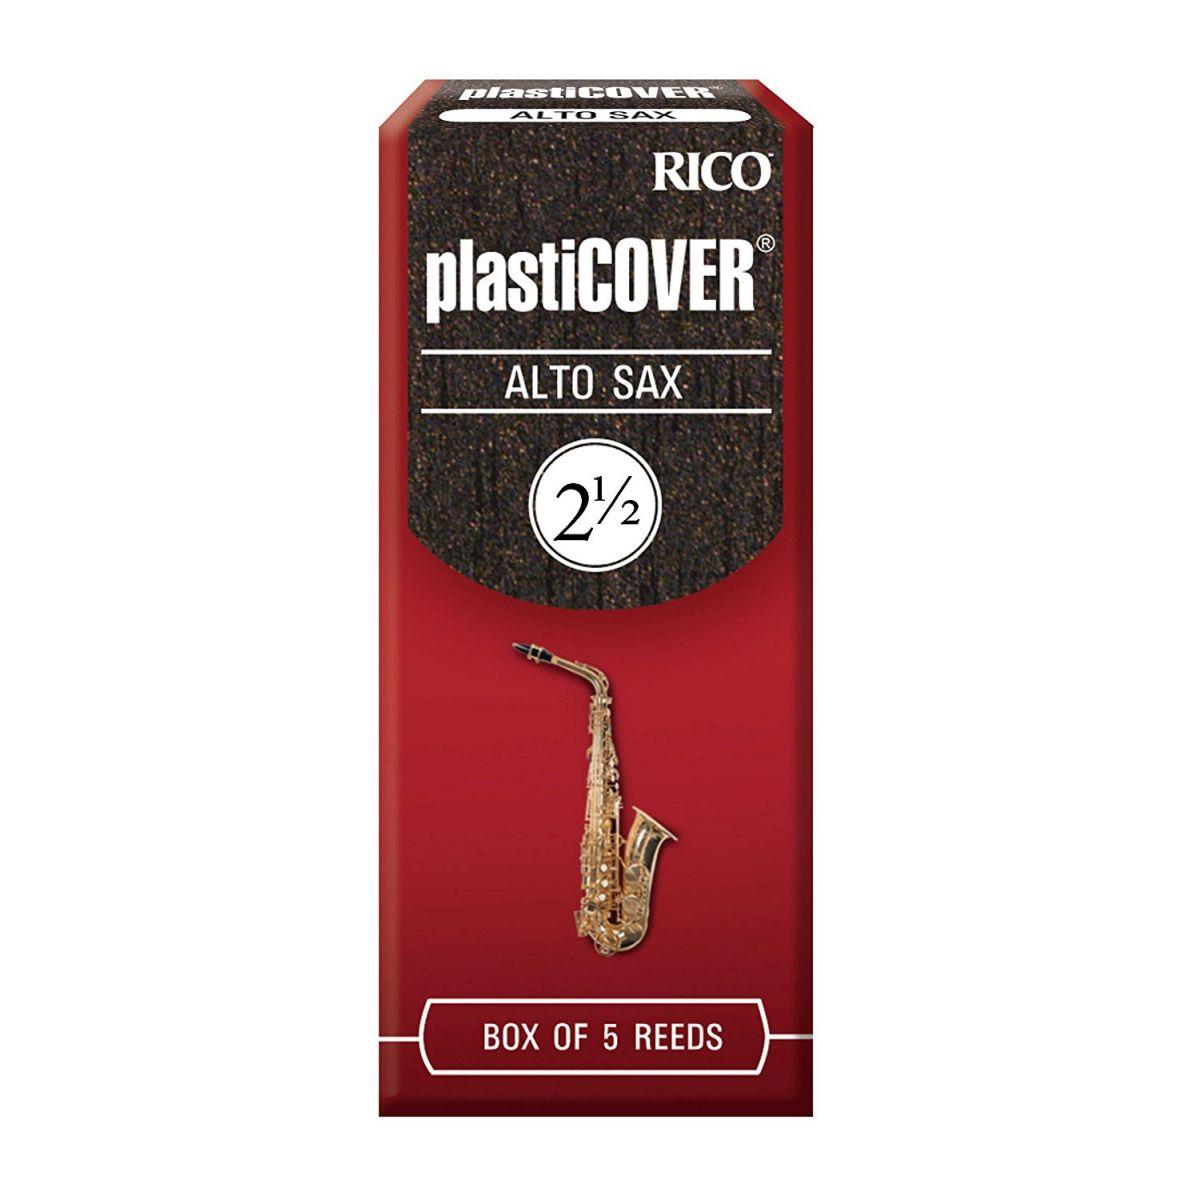 PALHETA PARA SAX ALTO PLASTICOVER RICO 2 1/2